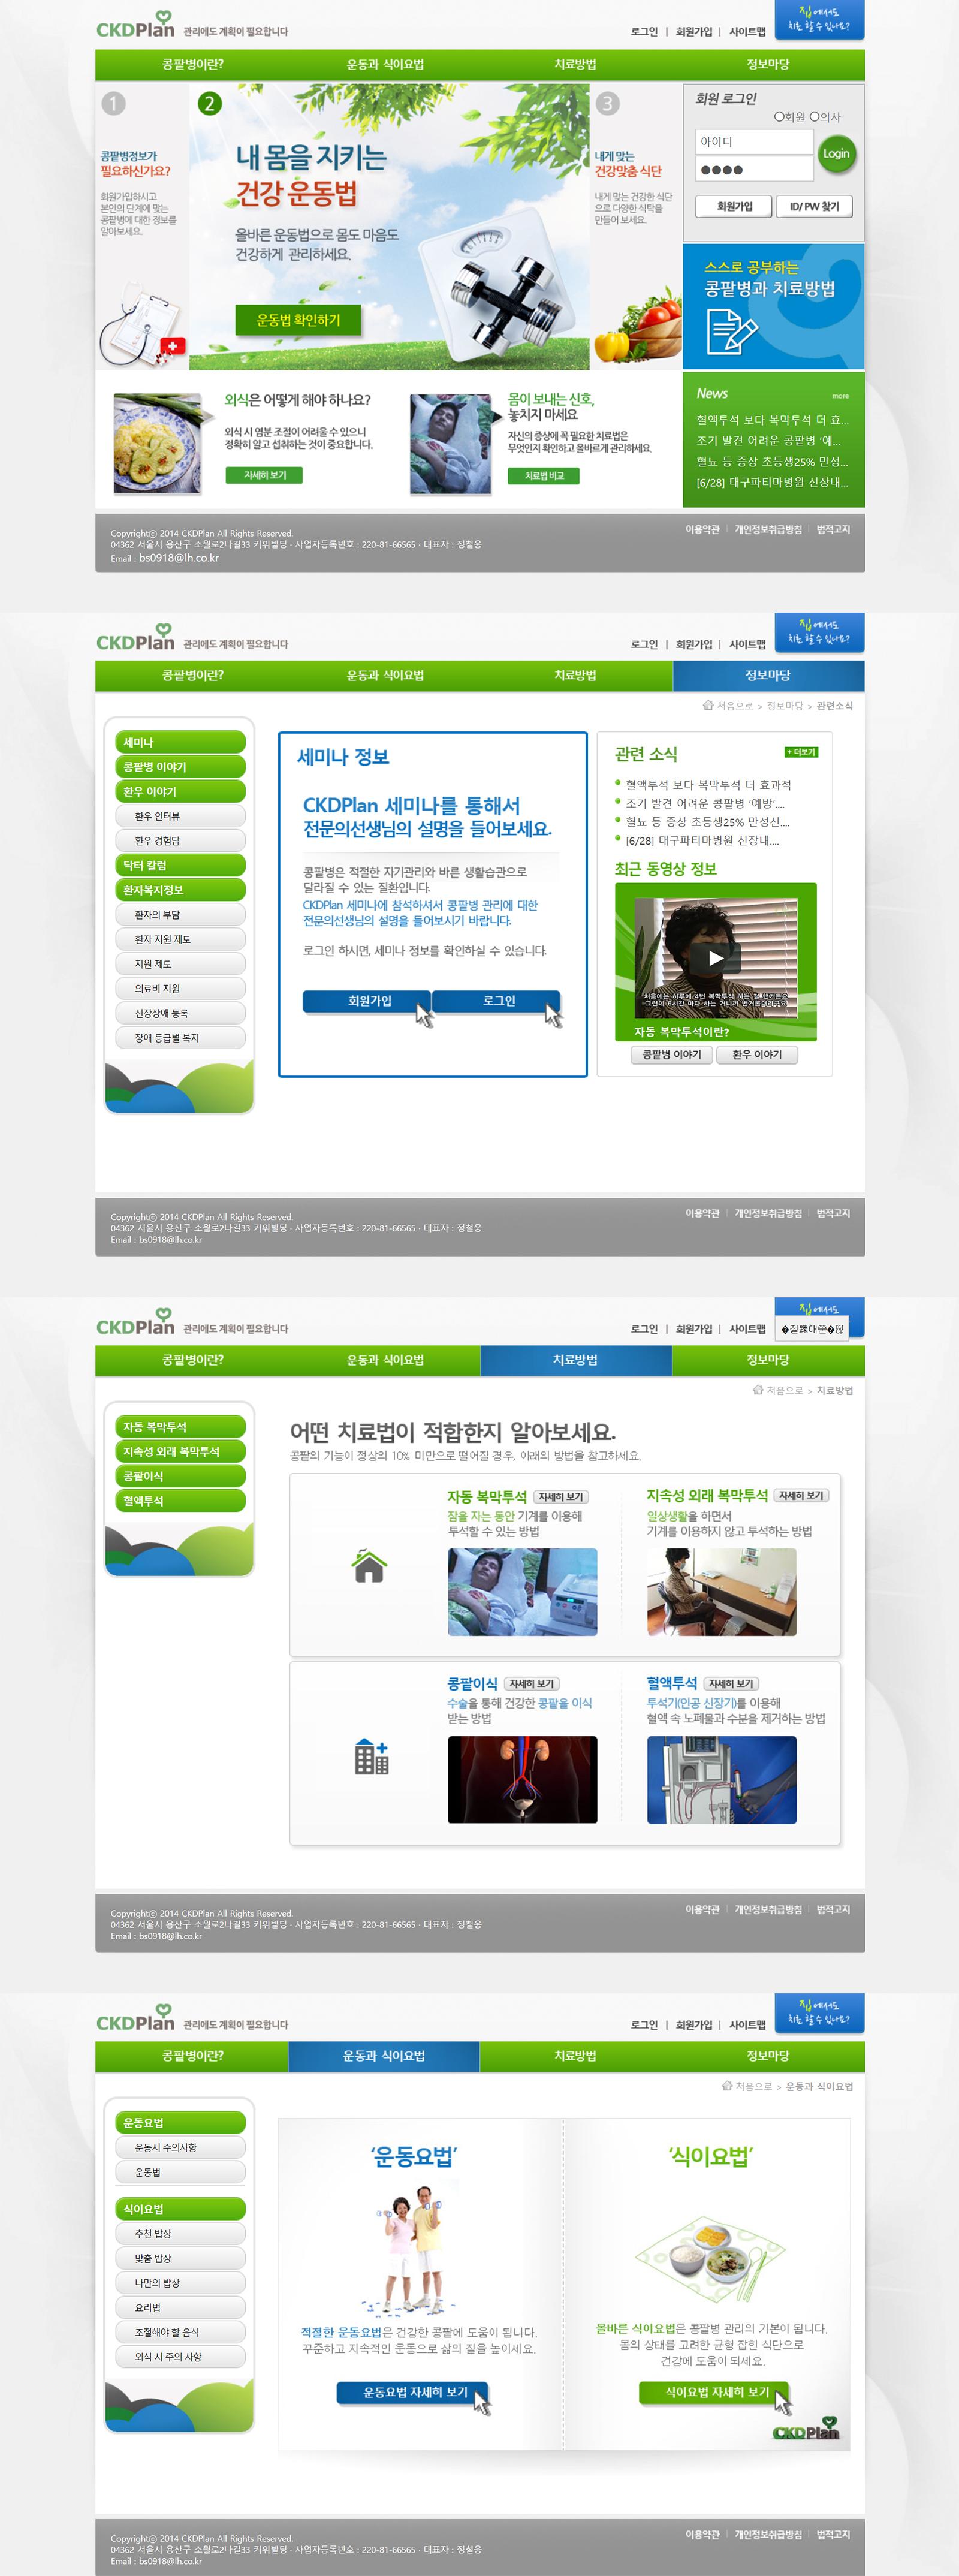 ckdplan_site.jpg